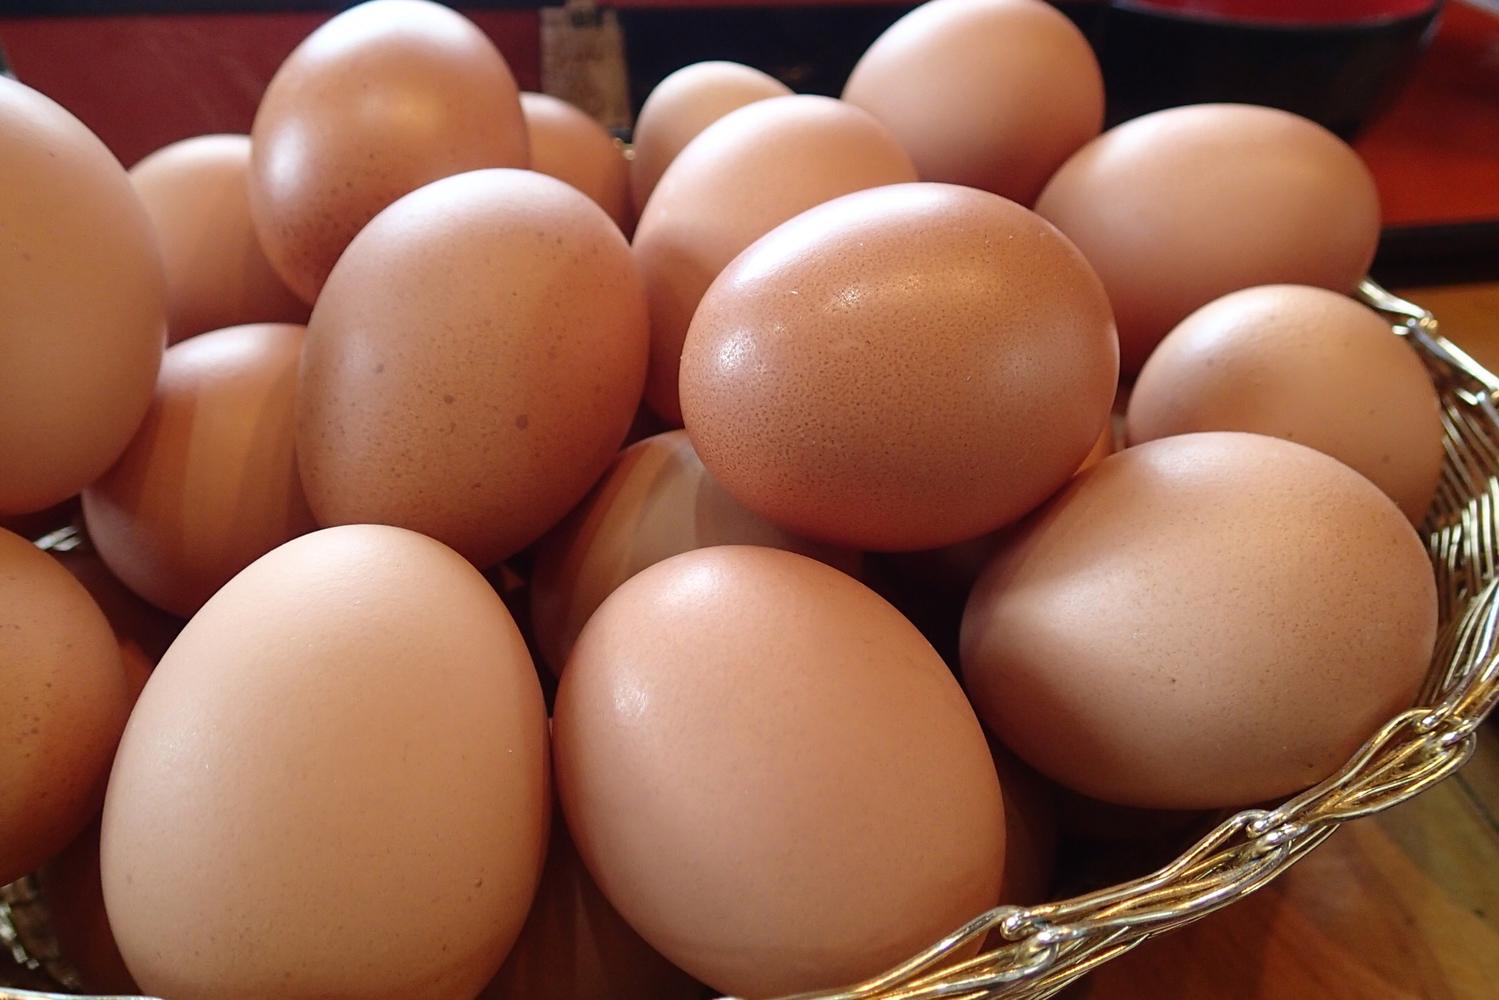 オススメアイテムや卵料理のレシピをご紹介